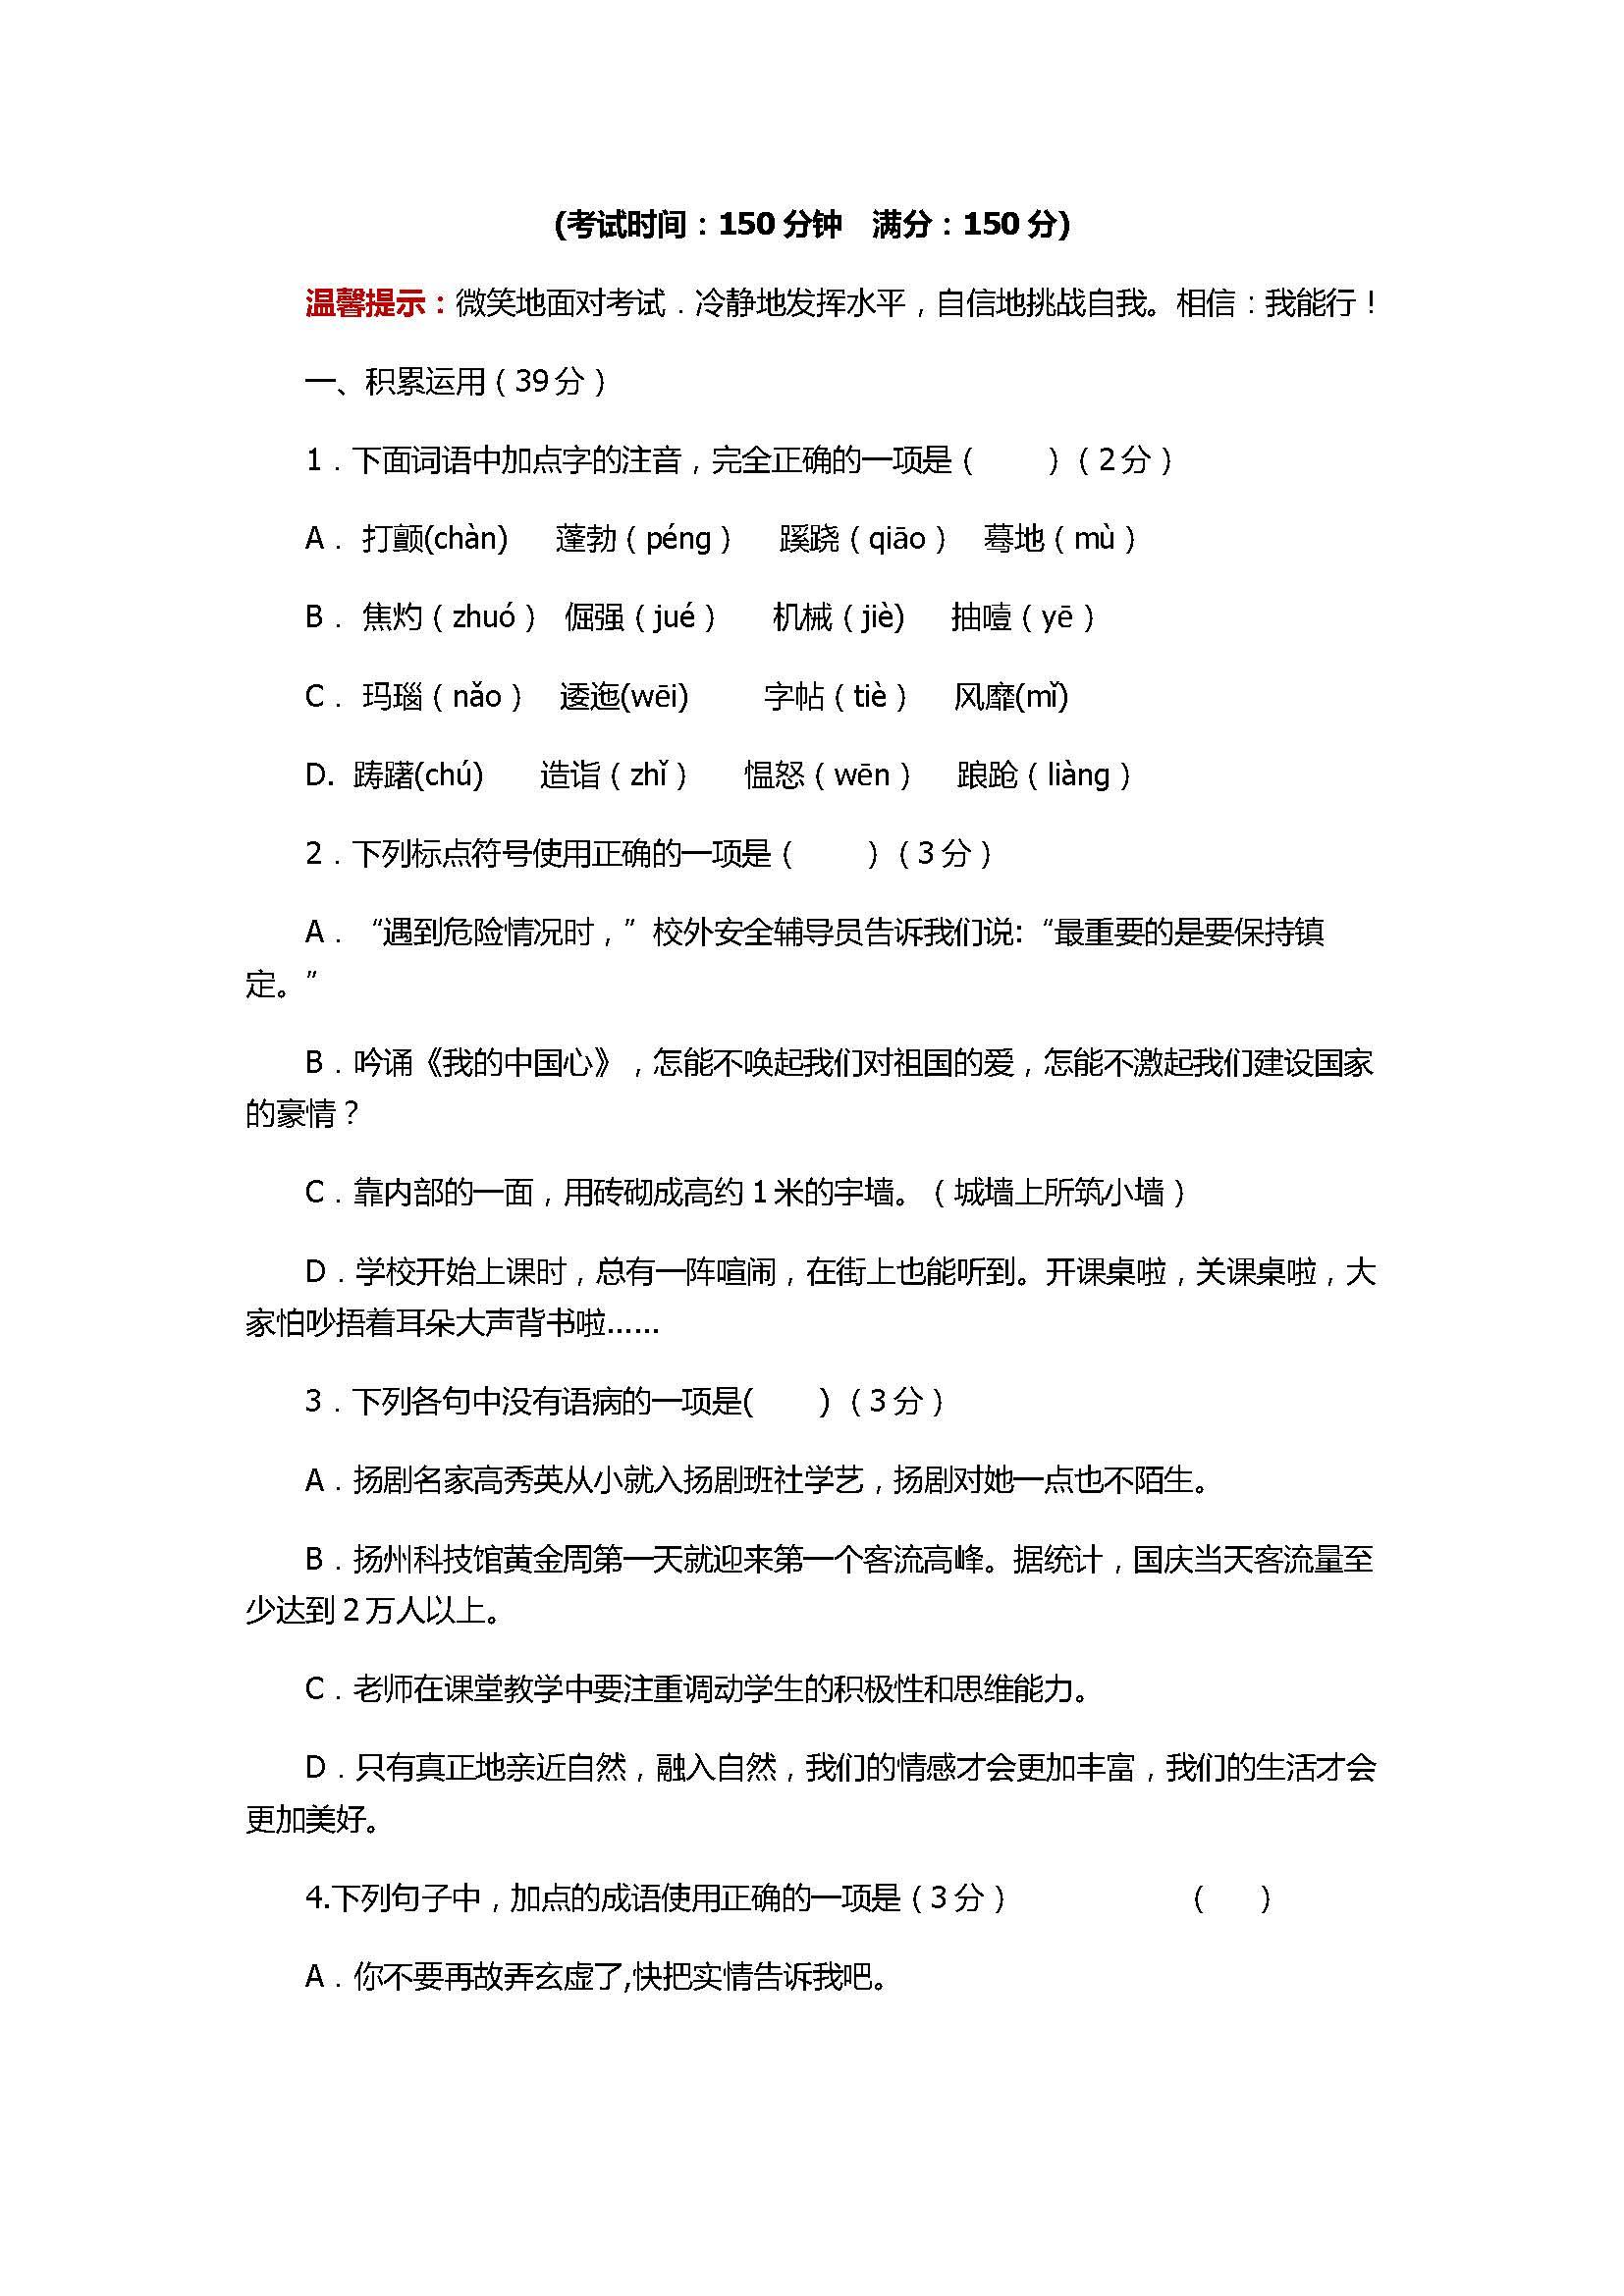 2017八年级语文检测试题含参考答案( 江都区空港中学)